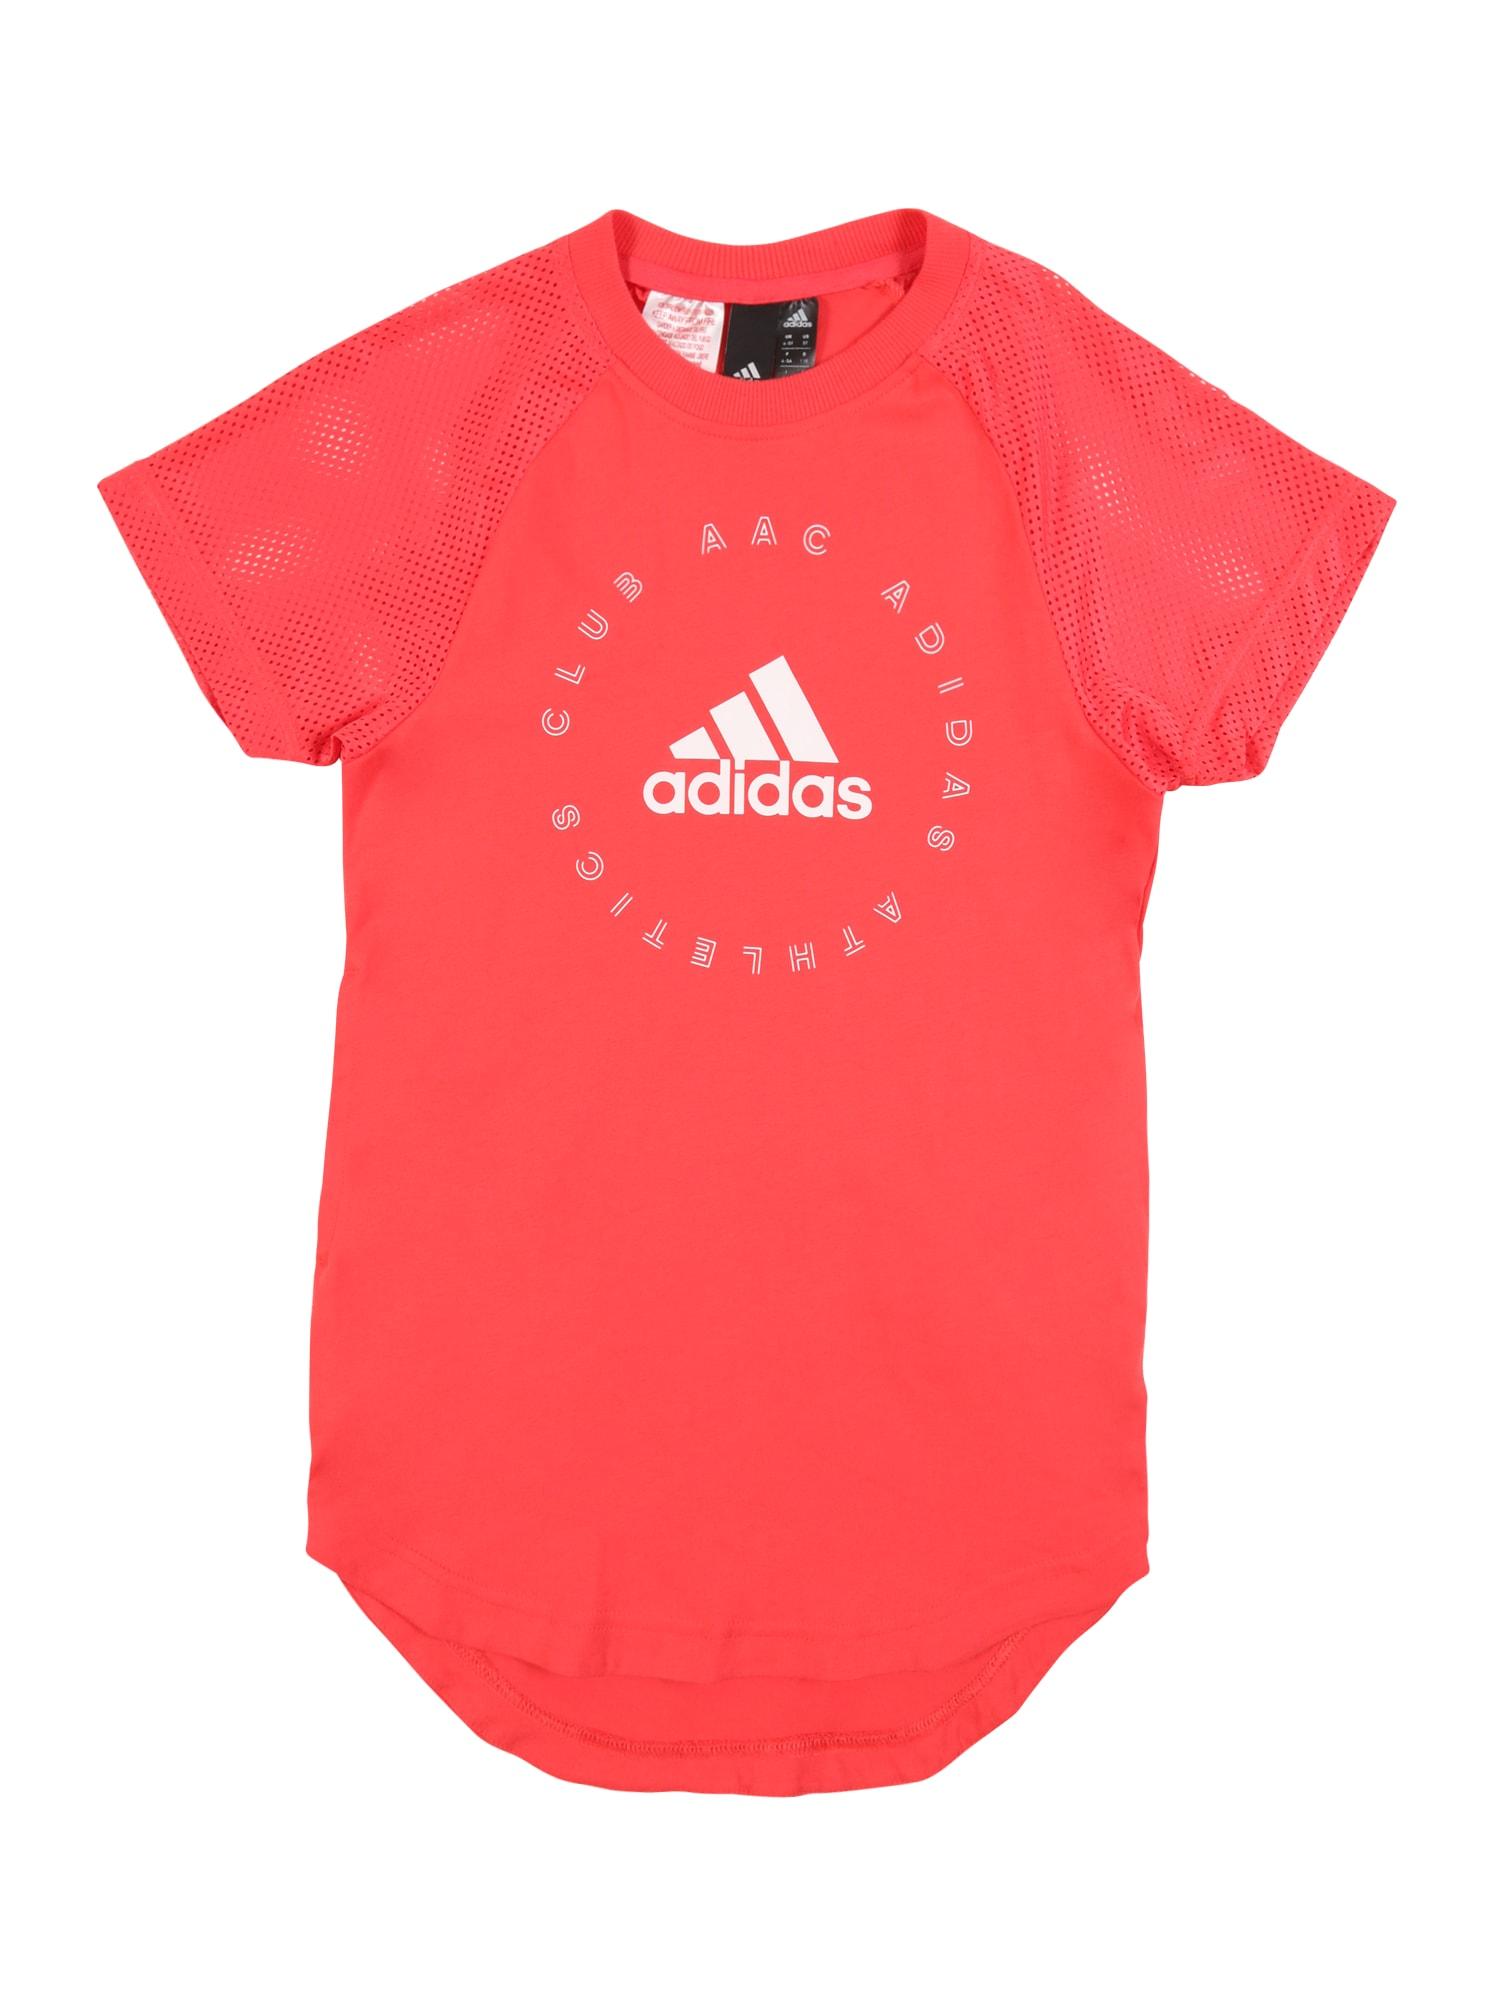 ADIDAS PERFORMANCE Sportinė suknelė oranžinė / raudona